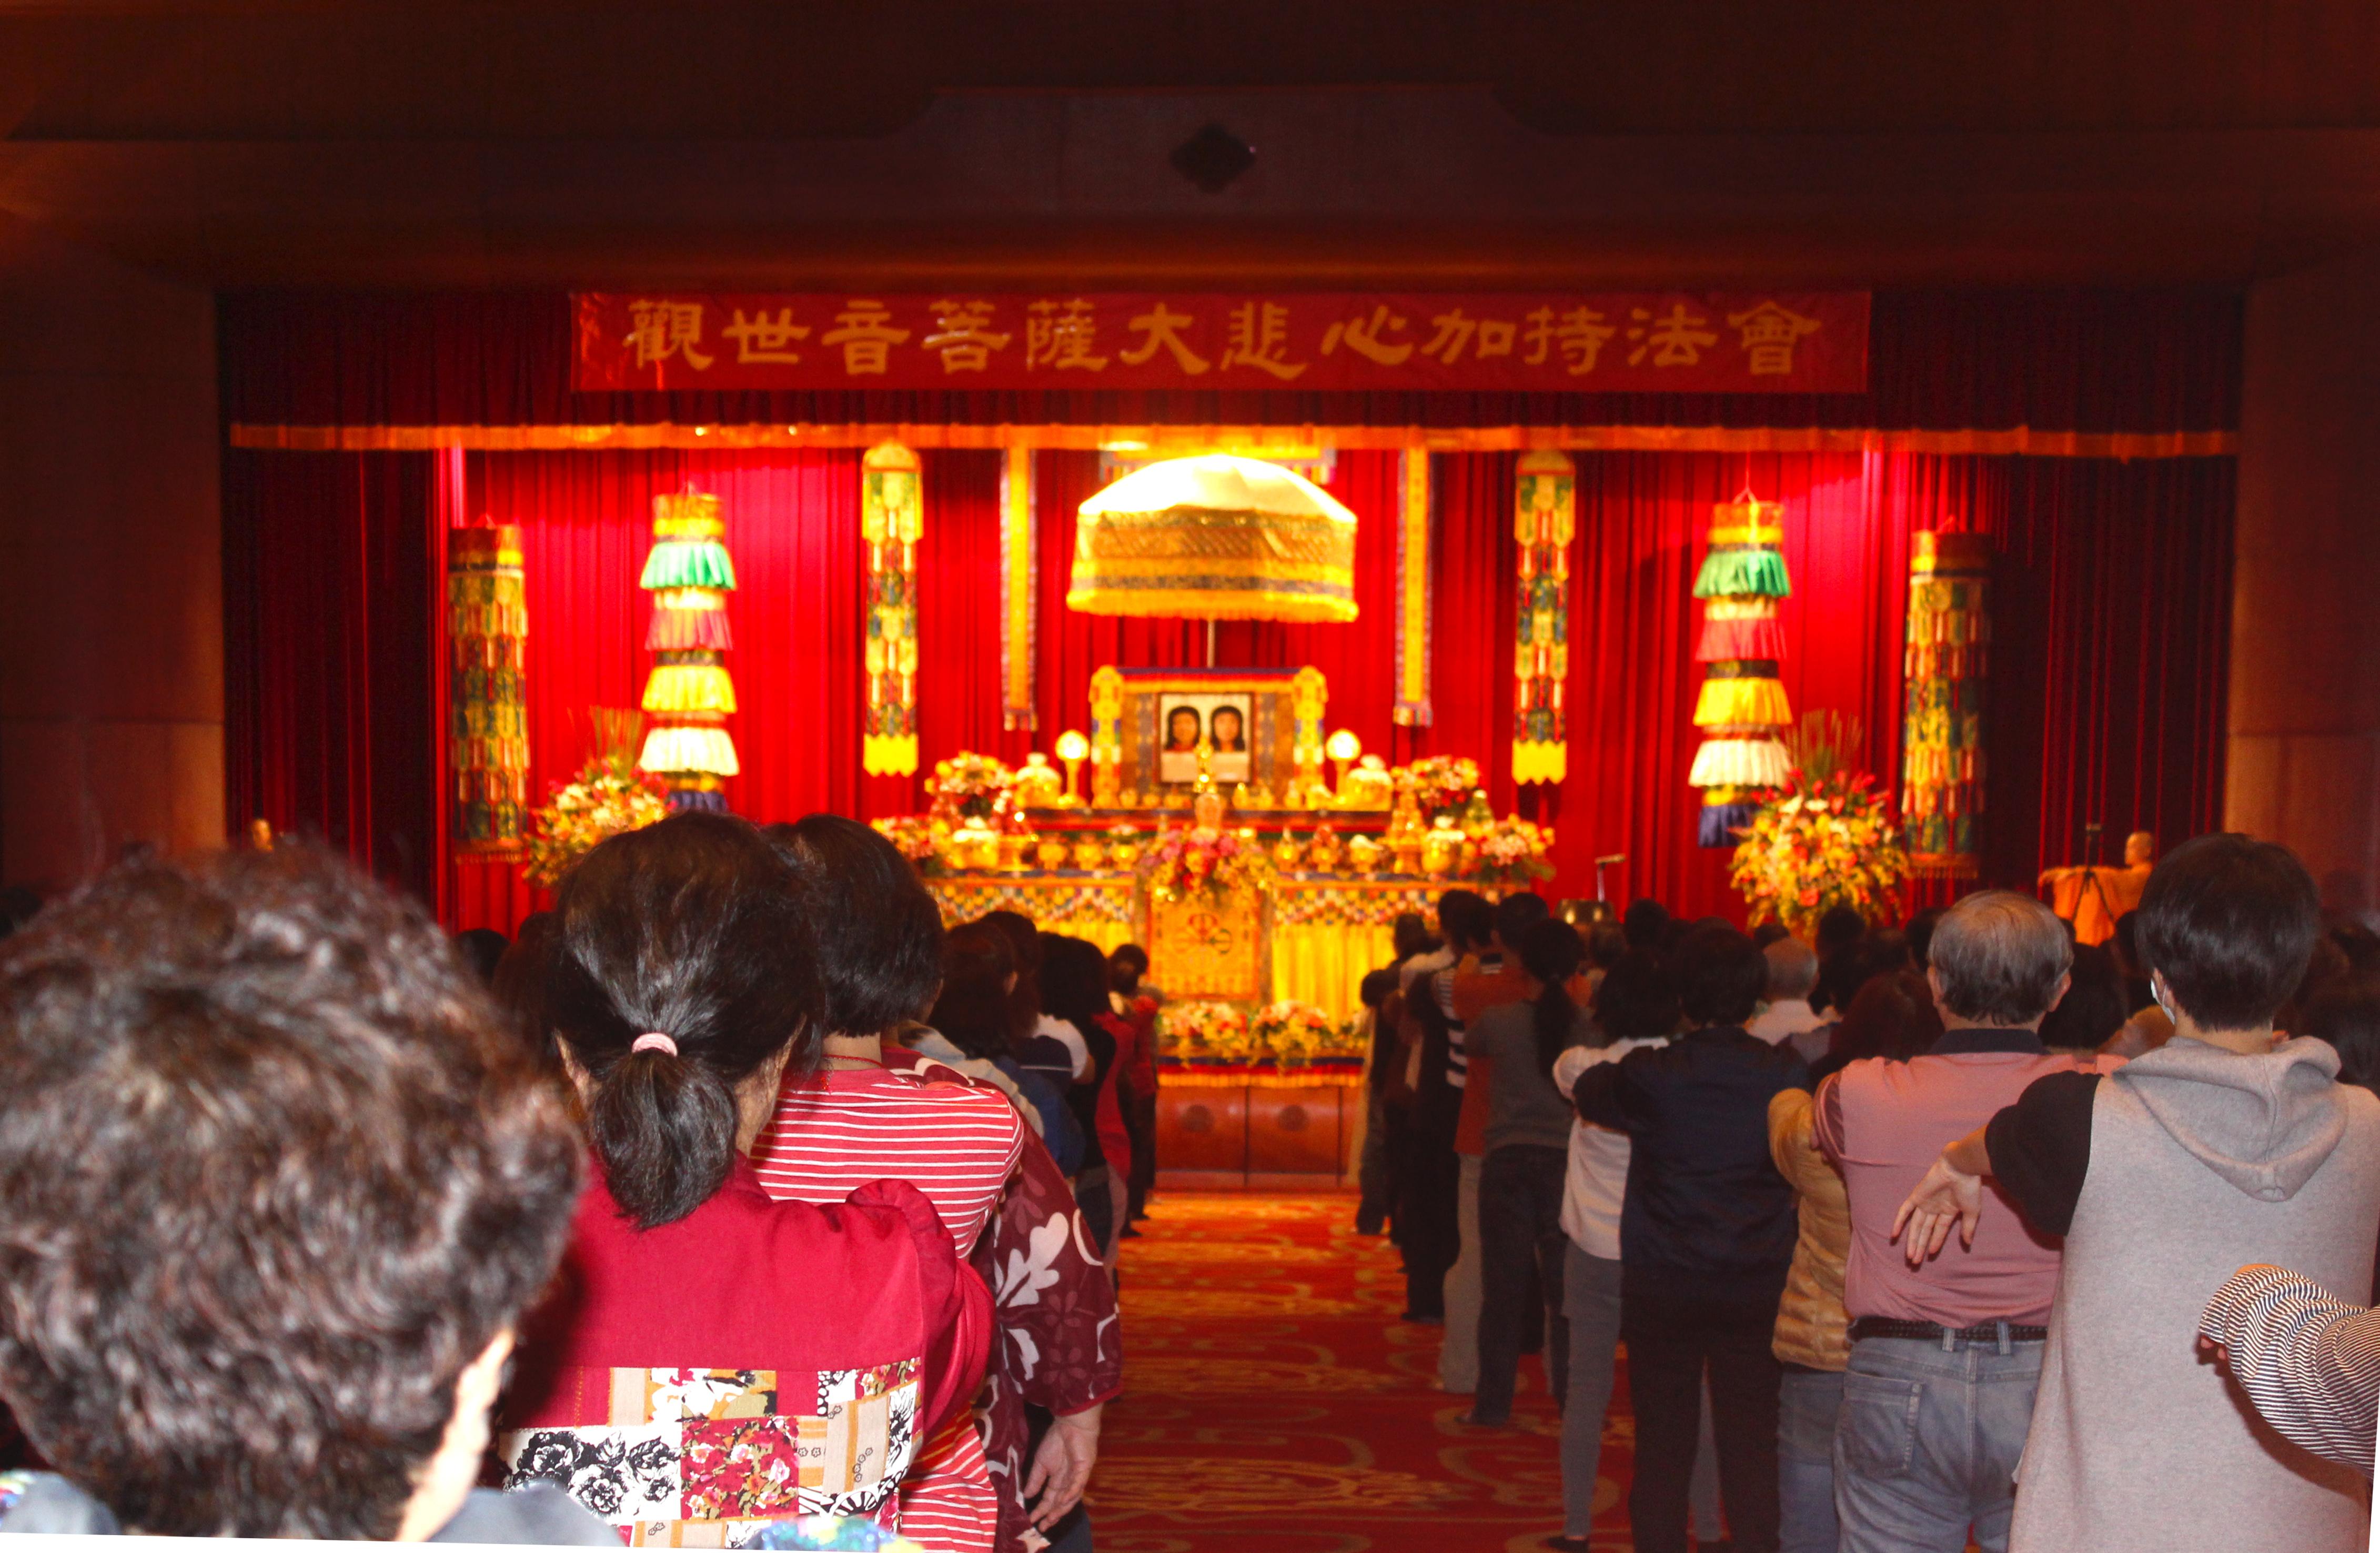 2016年11月13日 台北圓山大飯店 《觀音大悲加持法會》